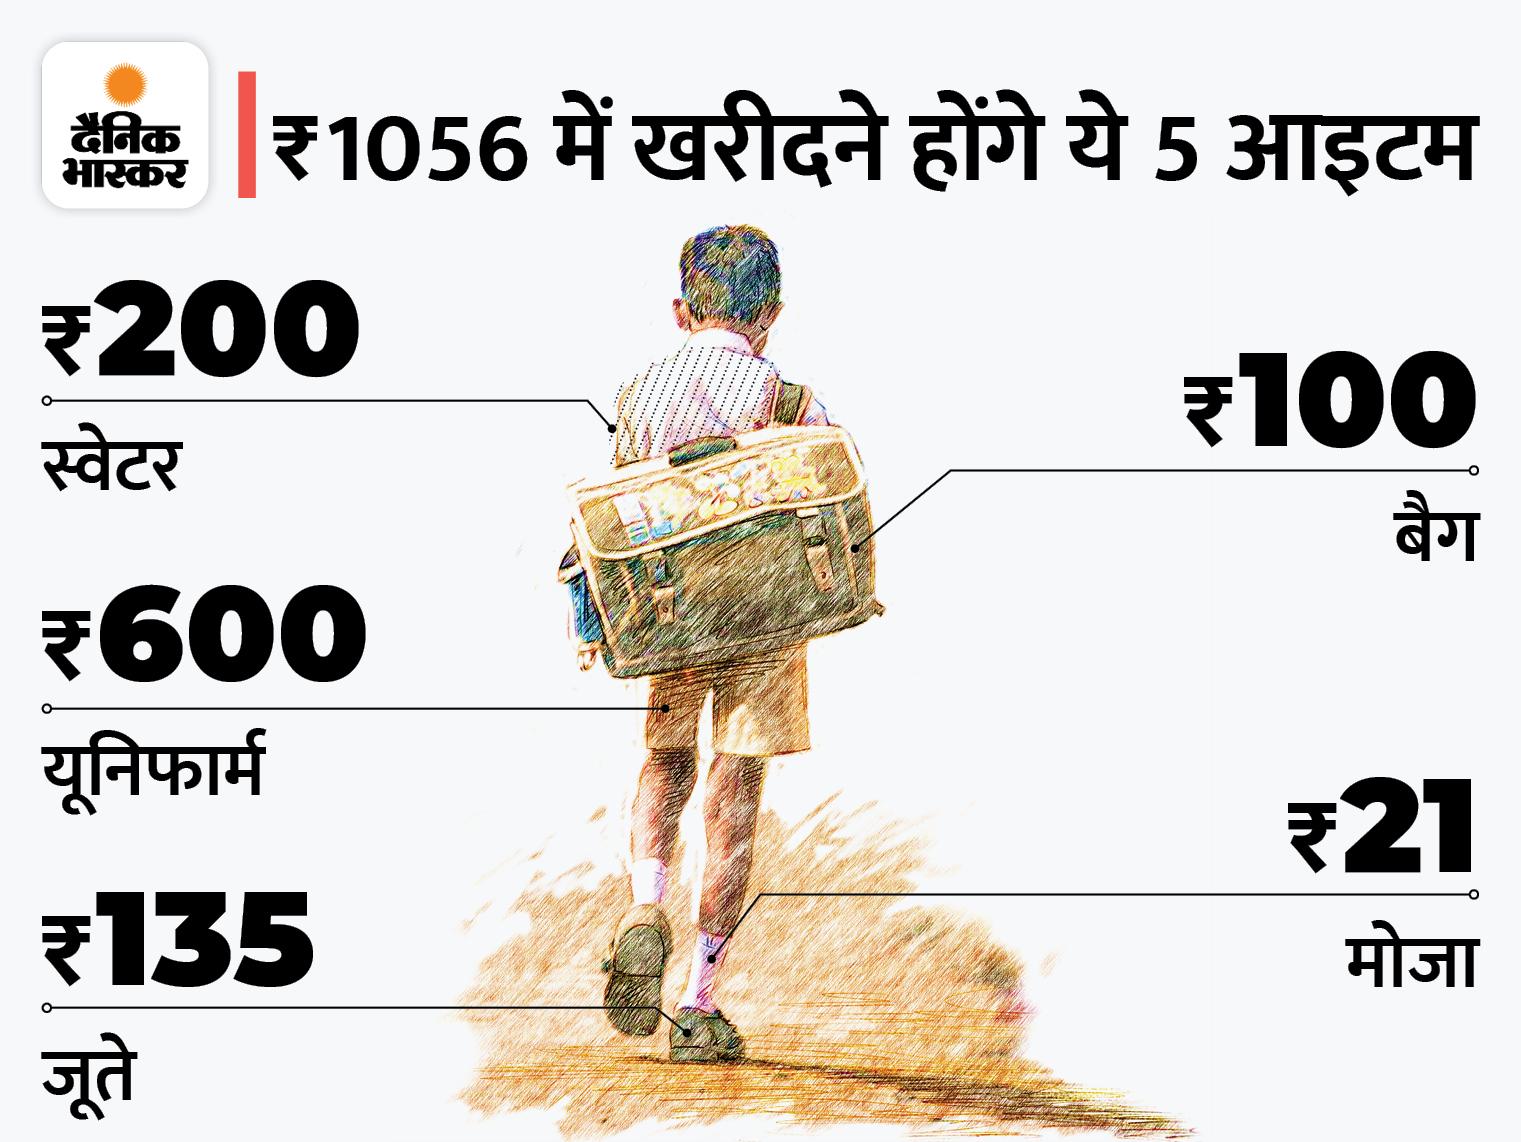 UP में बेसिक शिक्षा विभाग 1.60 करोड़ बच्चों को देगा 17 करोड़ रुपए, सभी 75 जिलों से मांगे गए बैंक अकाउंट की डिटेल उत्तरप्रदेश,Uttar Pradesh - Dainik Bhaskar